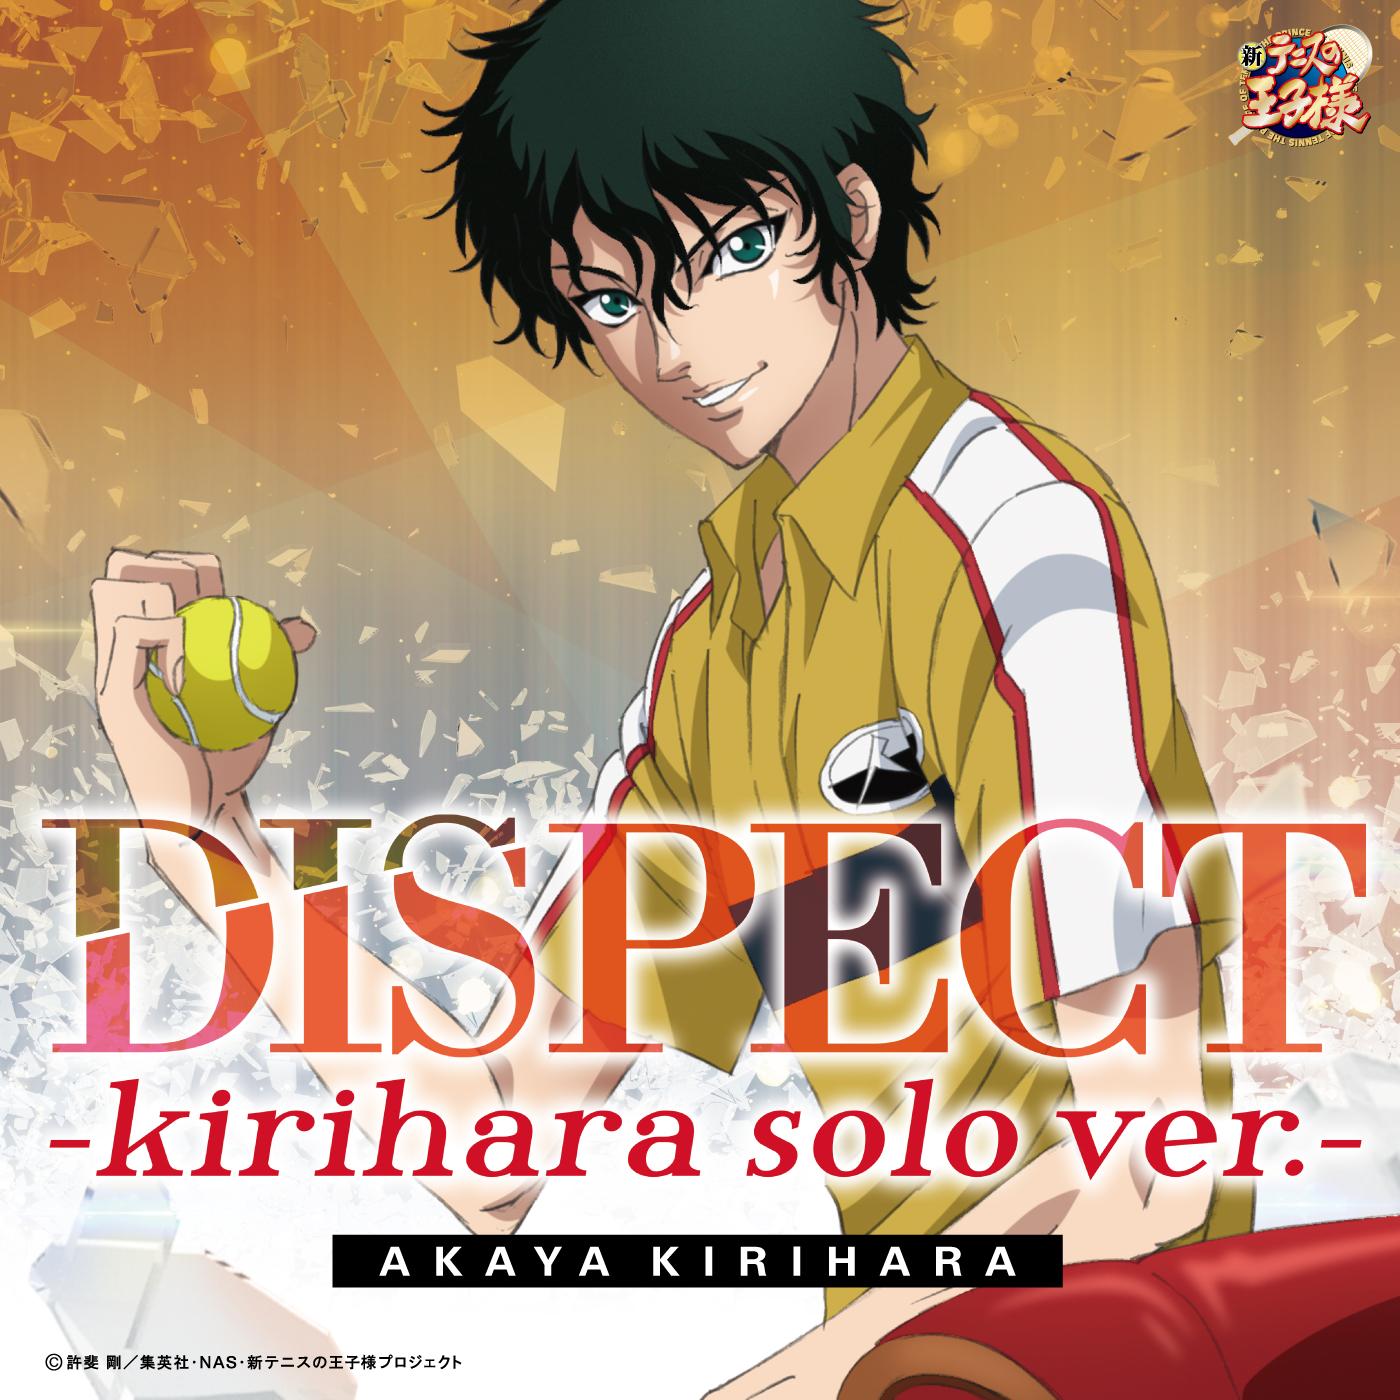 切原赤也「DISPECT-kirihara solo ver.-」